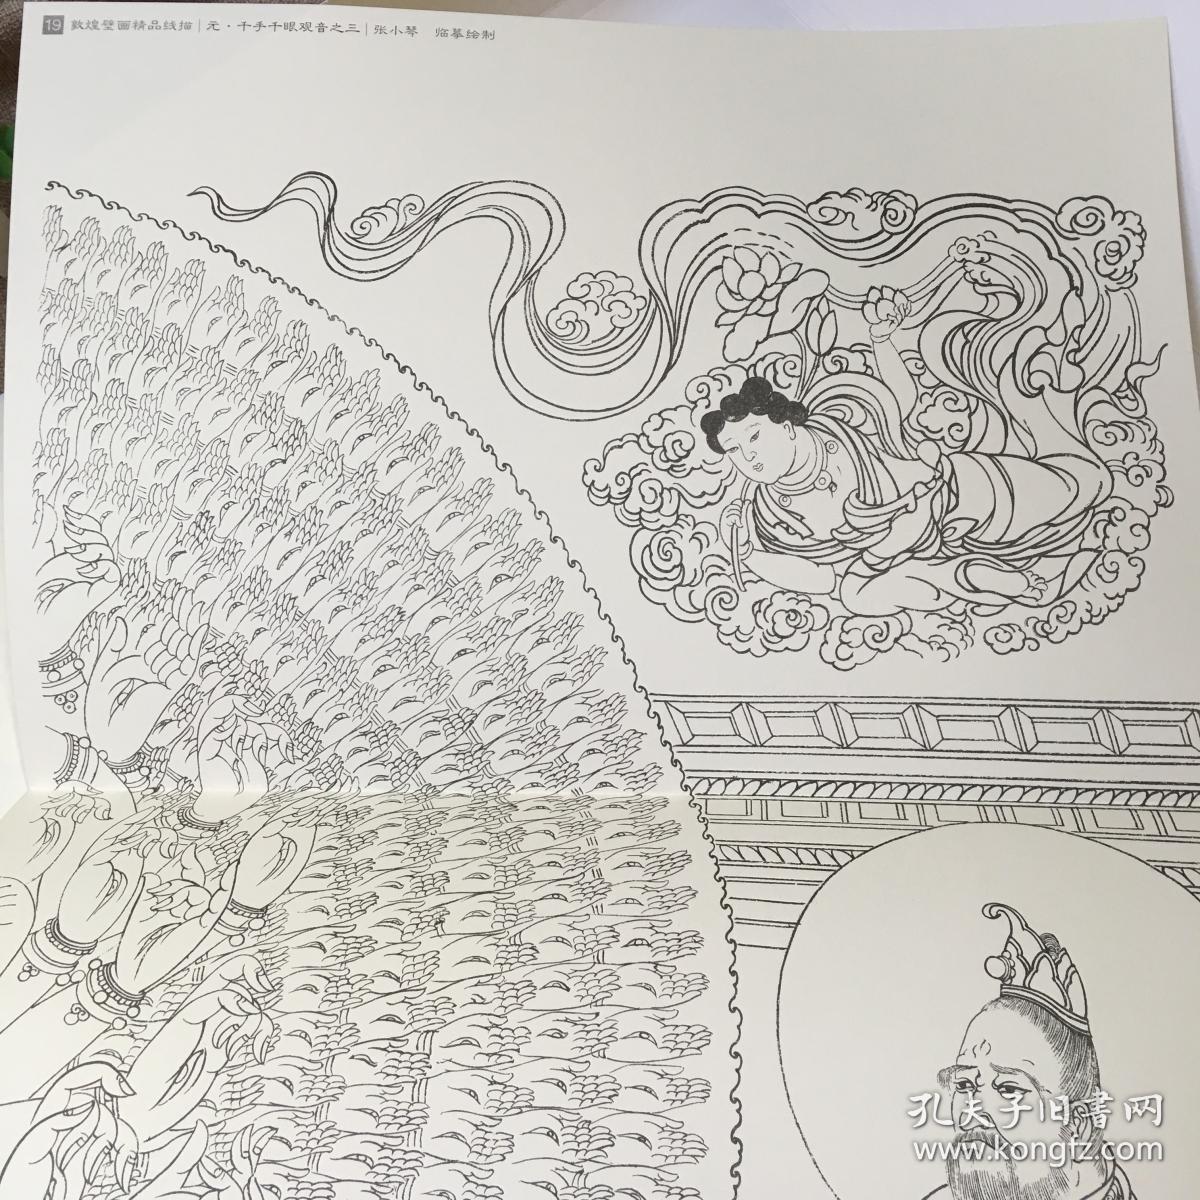 壁画精品线描+永乐宫壁画精品线描2本合售绘画临摹菩萨佛像白描作品集图片